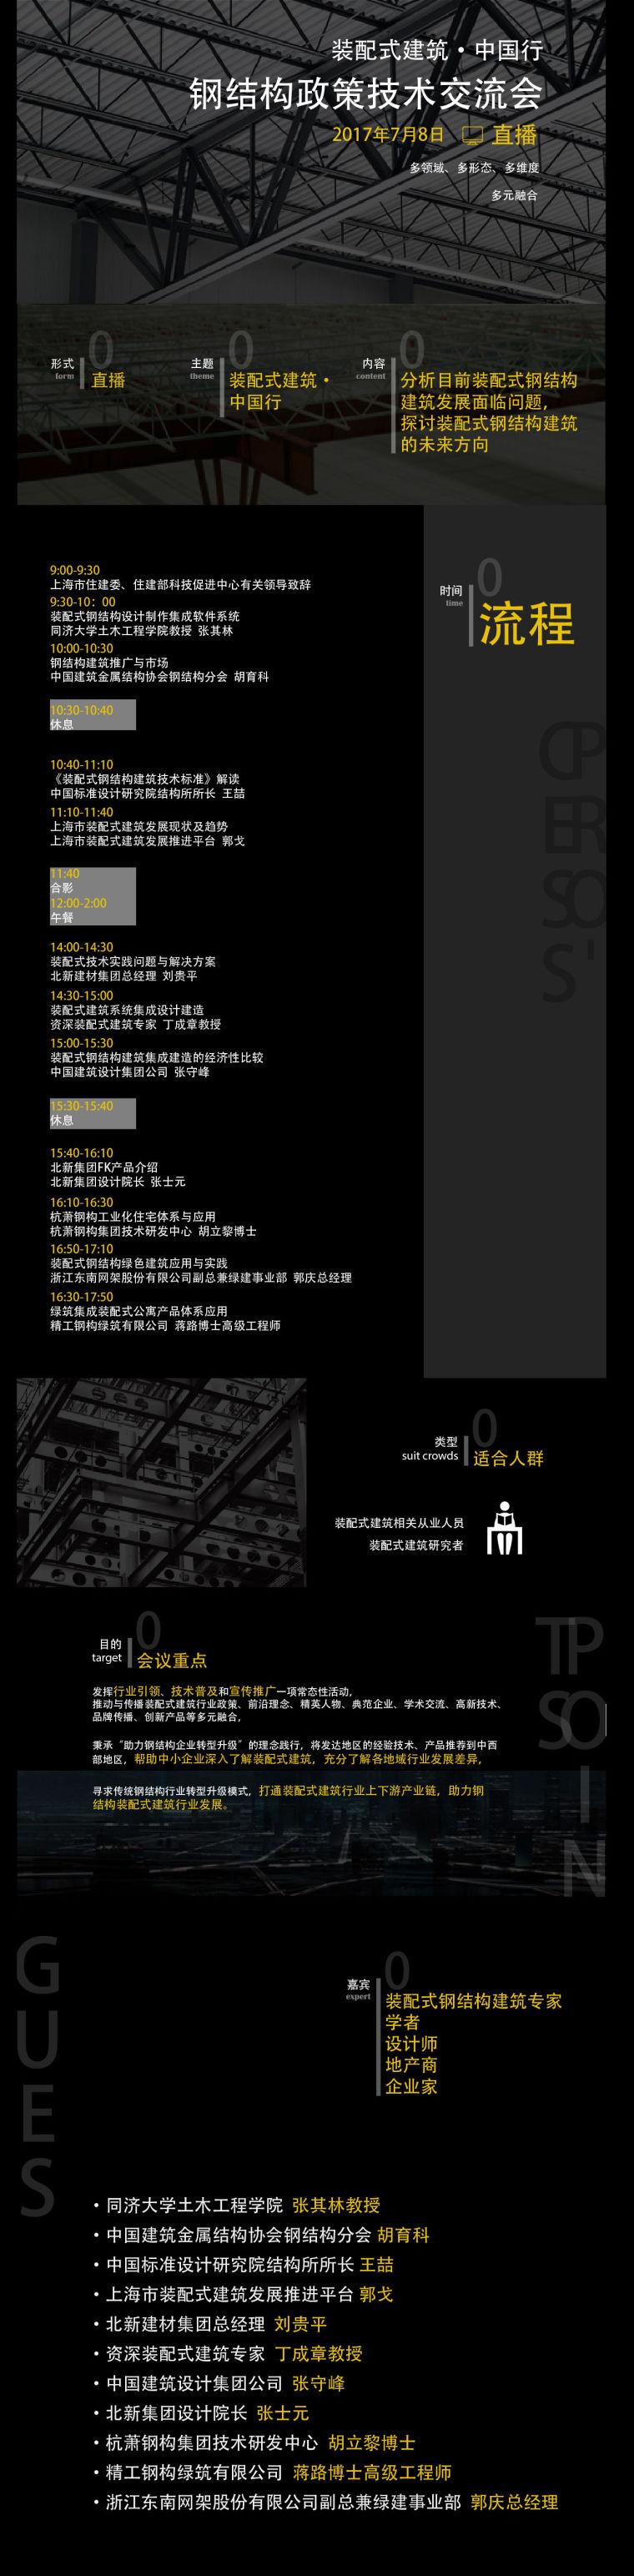 [直播报名]7月8日,装配式建筑·中国行—钢结构政策技术交流会